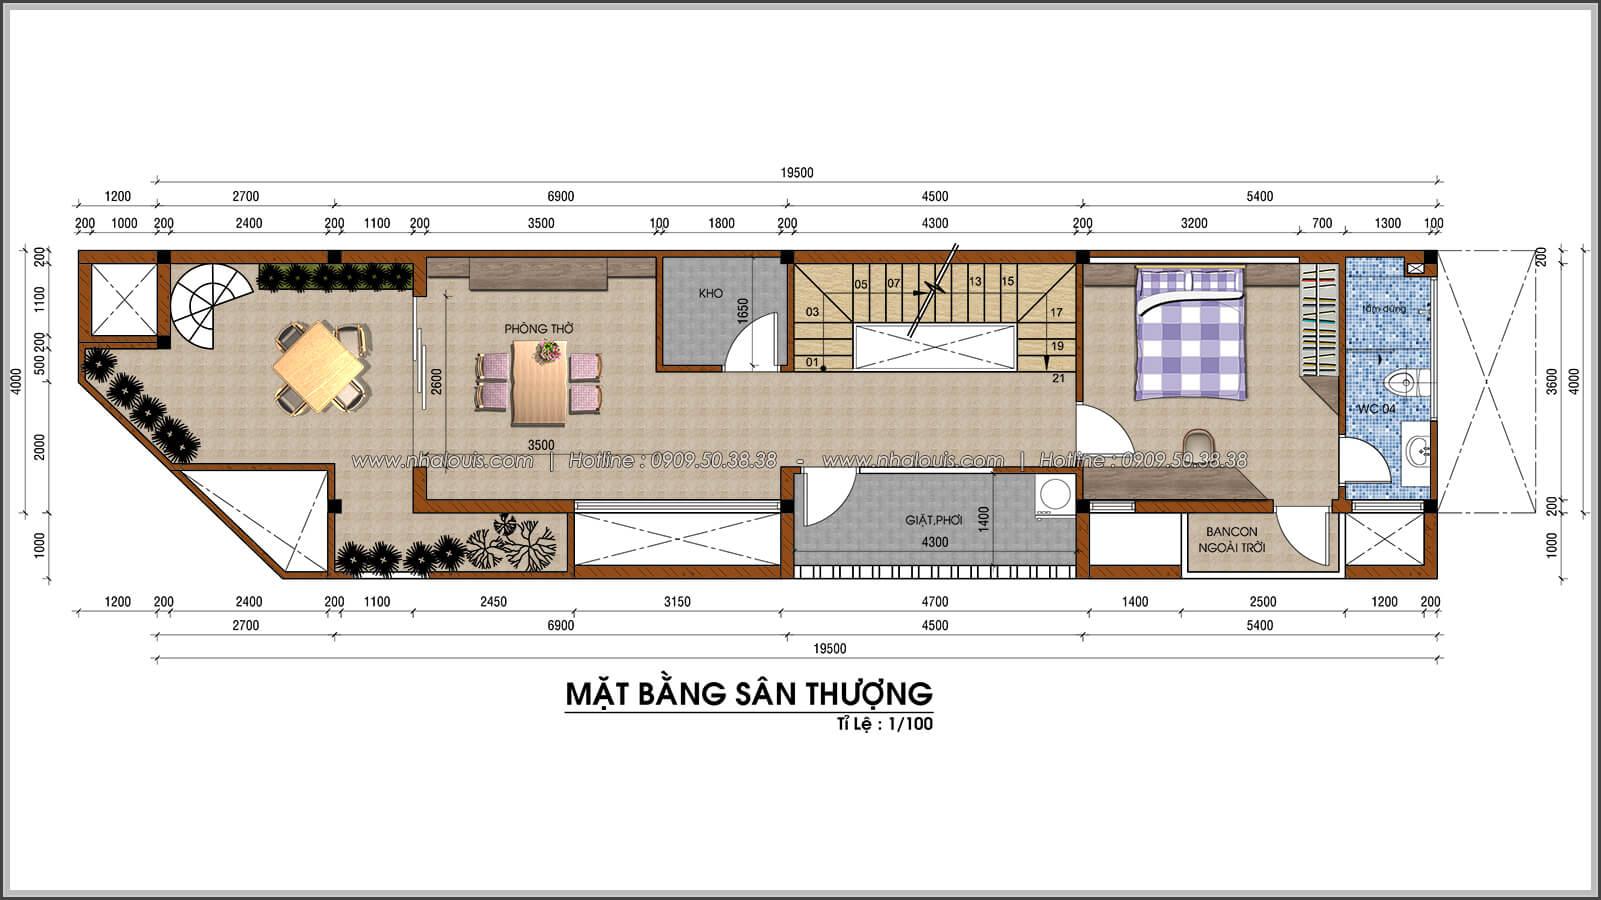 Mặt bằng sân thượng thiết kế nhà 2 mặt tiền độc đáo KDC Nam Long quận 7 - 07